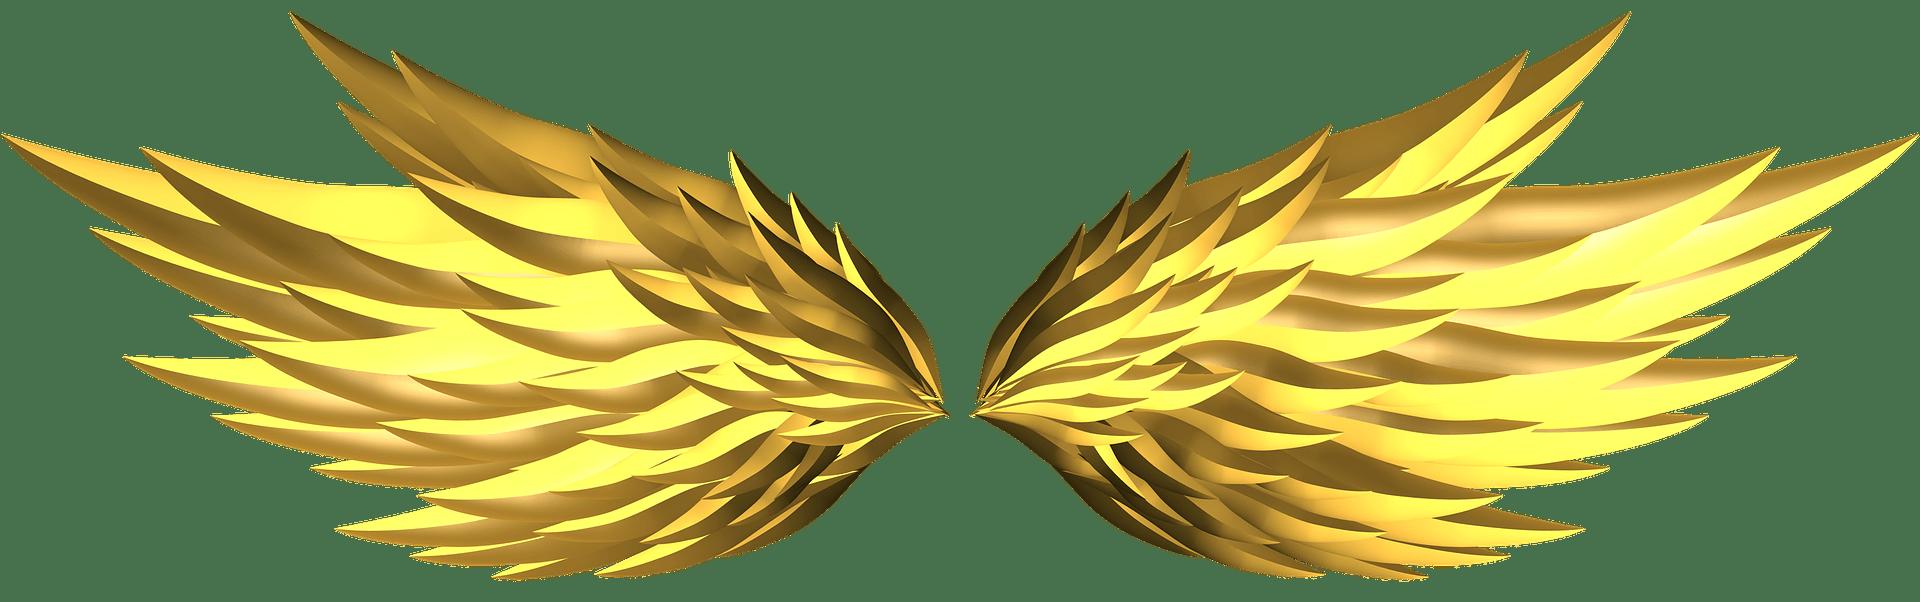 Unterstützung für Deinen Weg in die allumfassend, gesunde,  goldene Mitte.